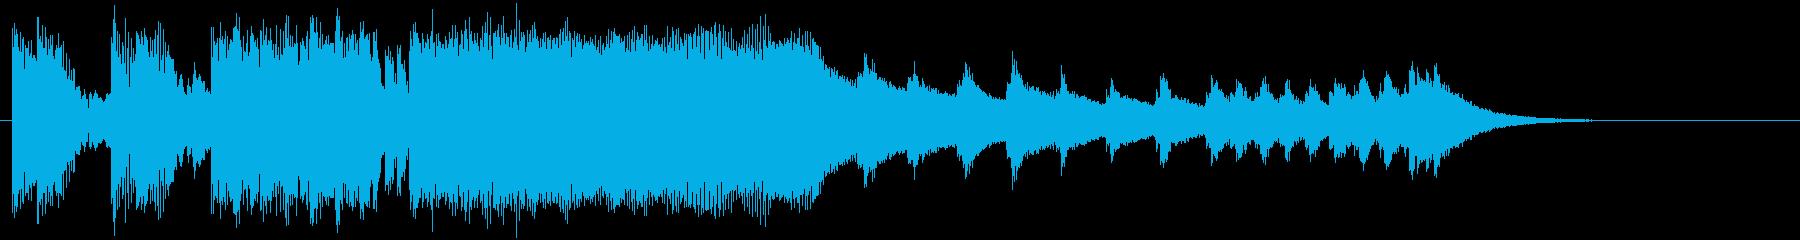 和楽器を取り入れたヘヴィメタルのジングルの再生済みの波形